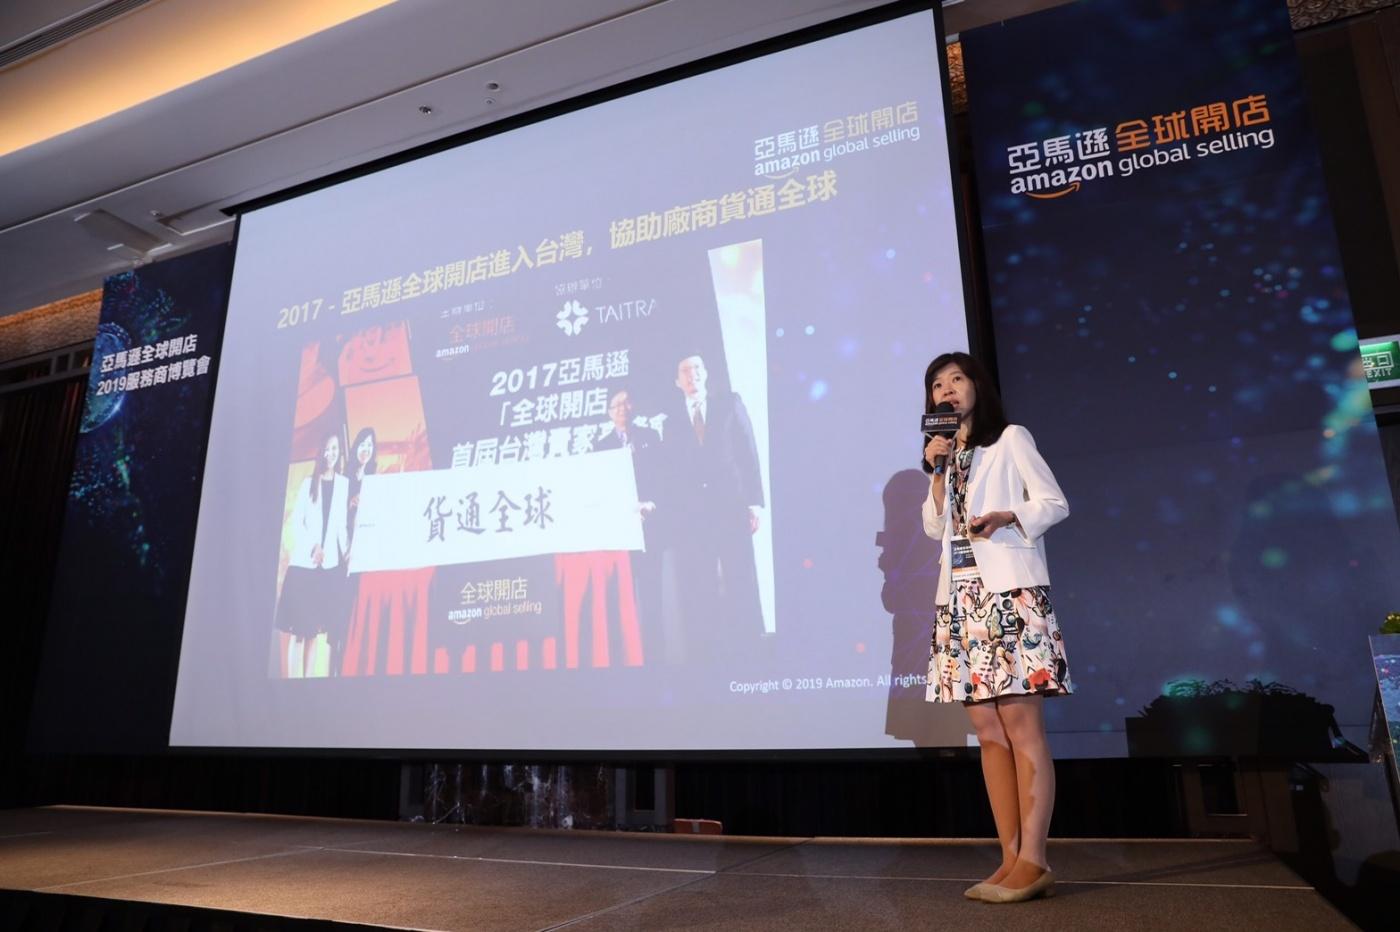 台灣製造業二代接班潮,跨境電商成了轉型契機